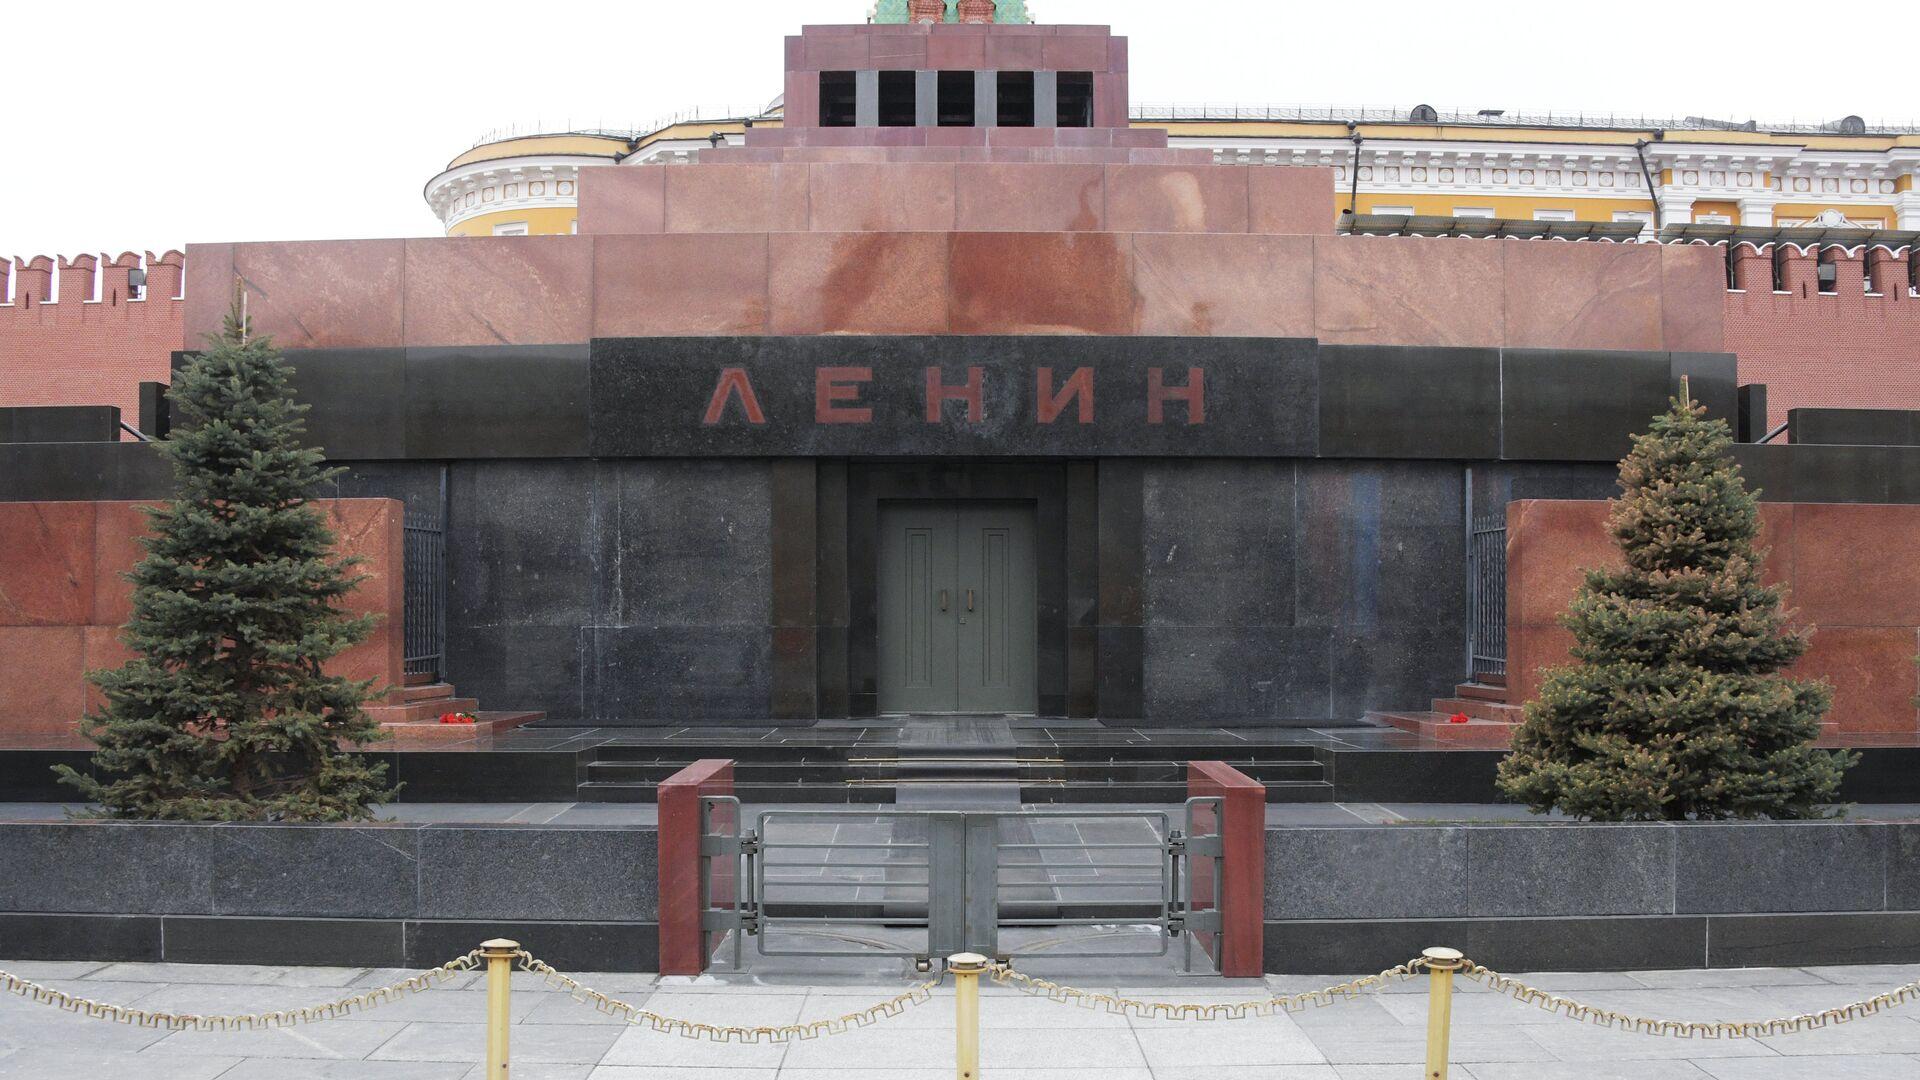 Мавзолей В.И. Ленина на Красной площади после ремонта. - РИА Новости, 1920, 12.09.2020